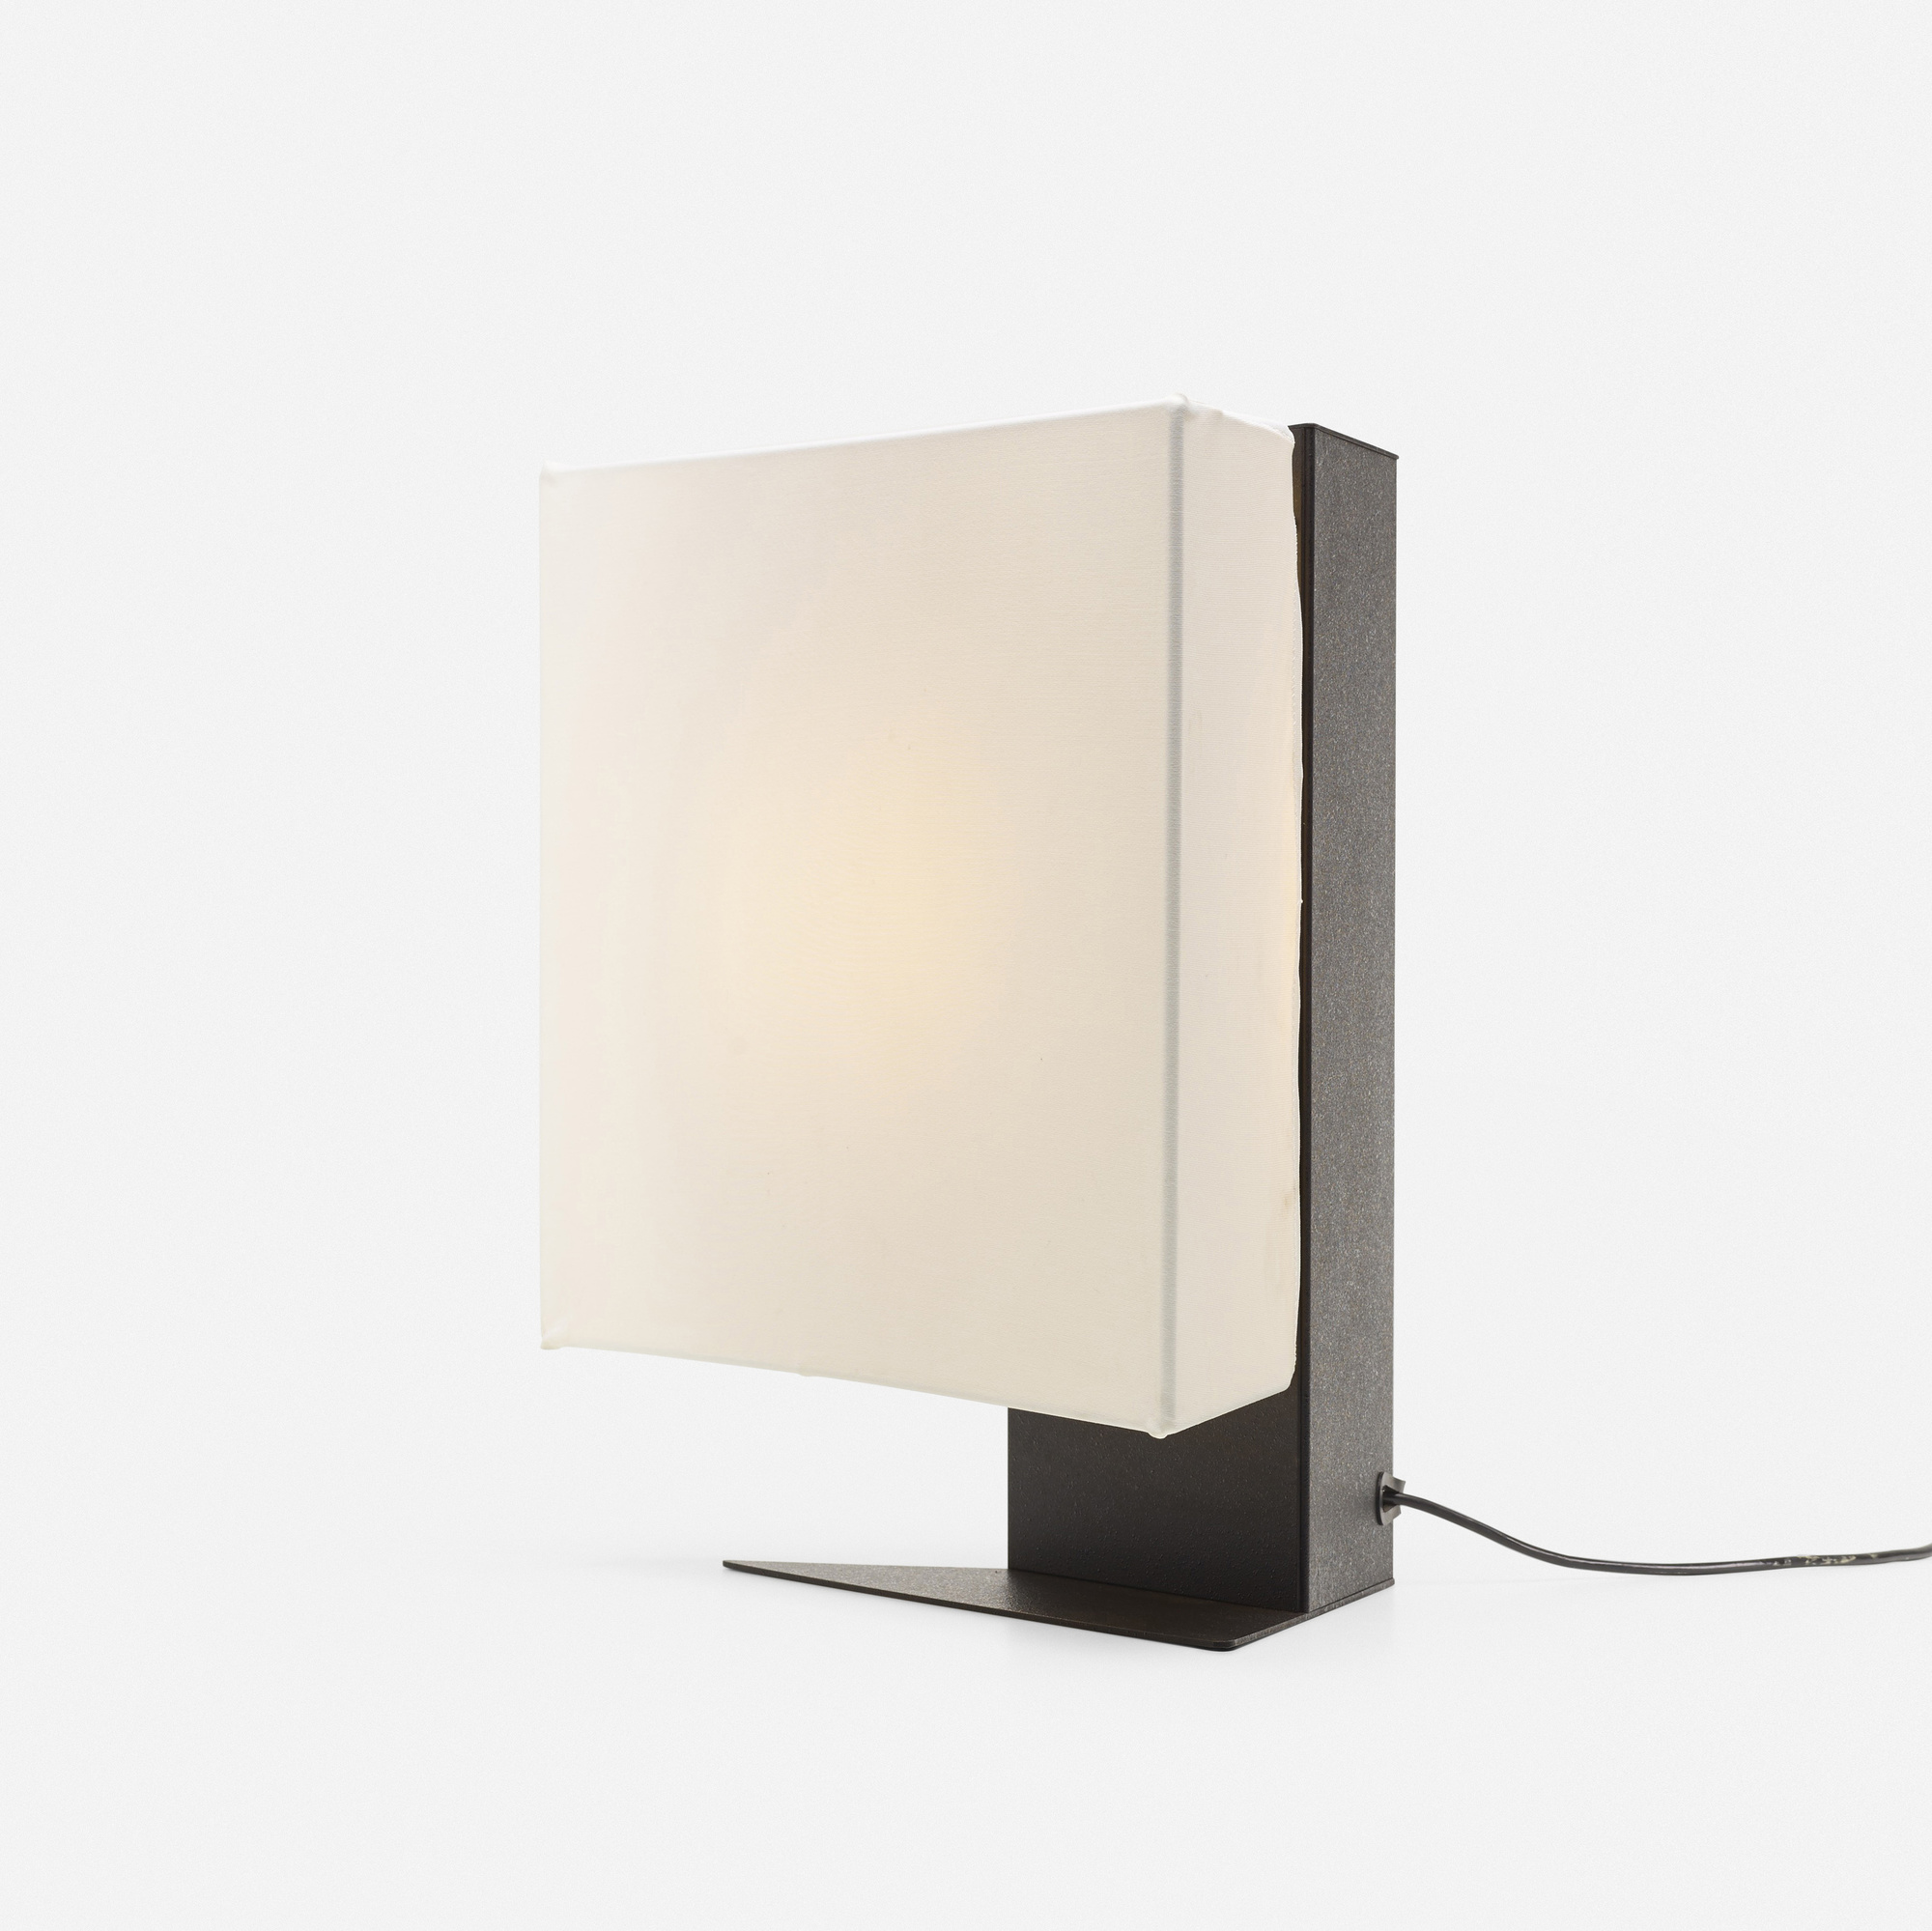 177: Cini Boeri / Accademia table lamp (1 of 2)